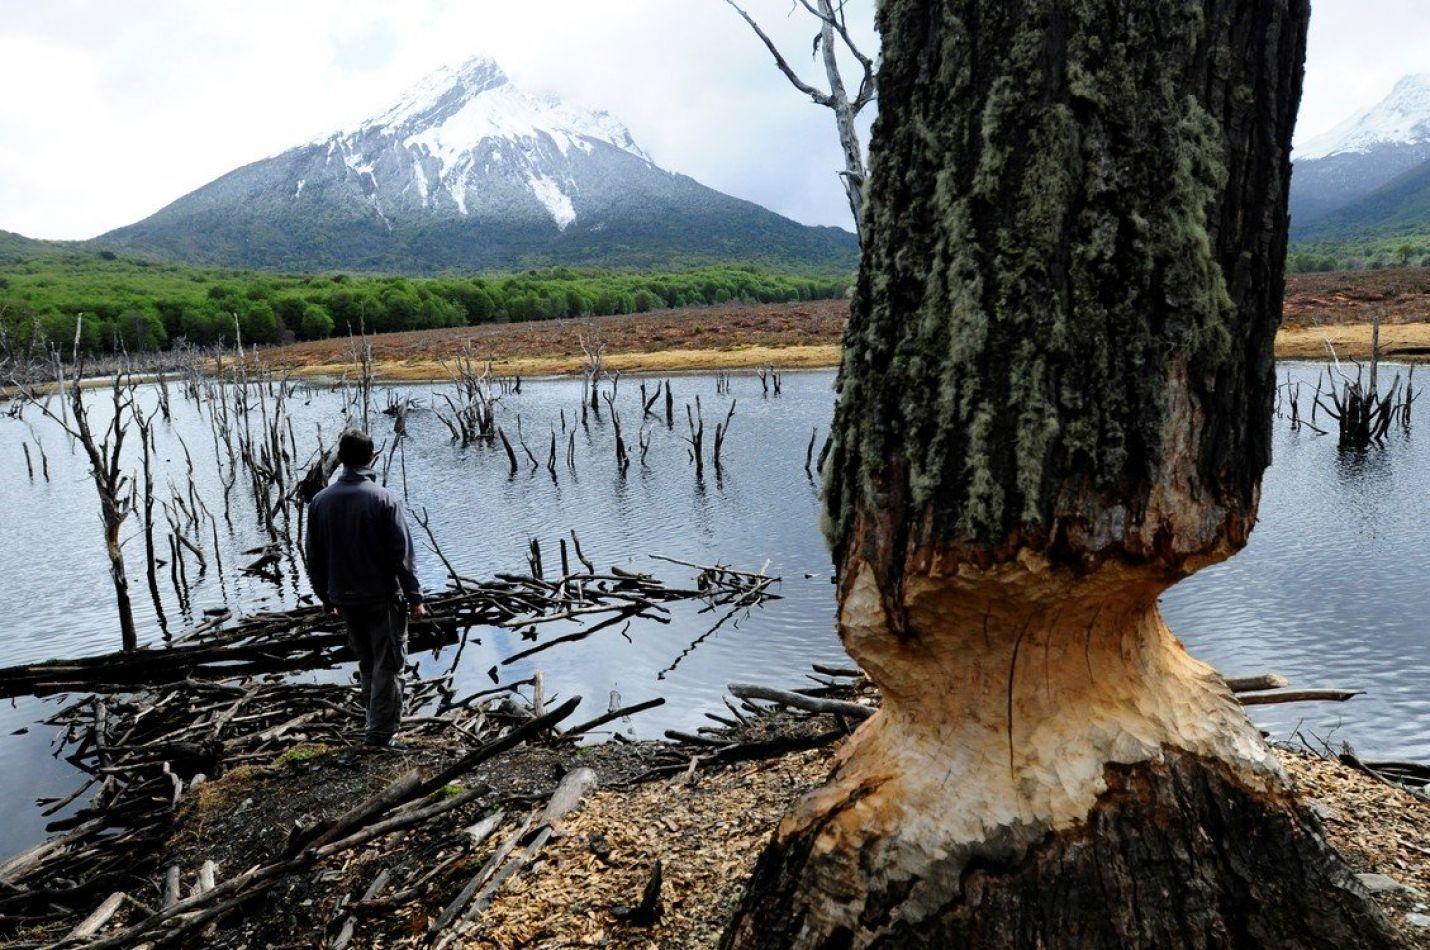 El INTA dio a conocer un informe sobre cómo manejar las plagas que afectan la biodiversidad.